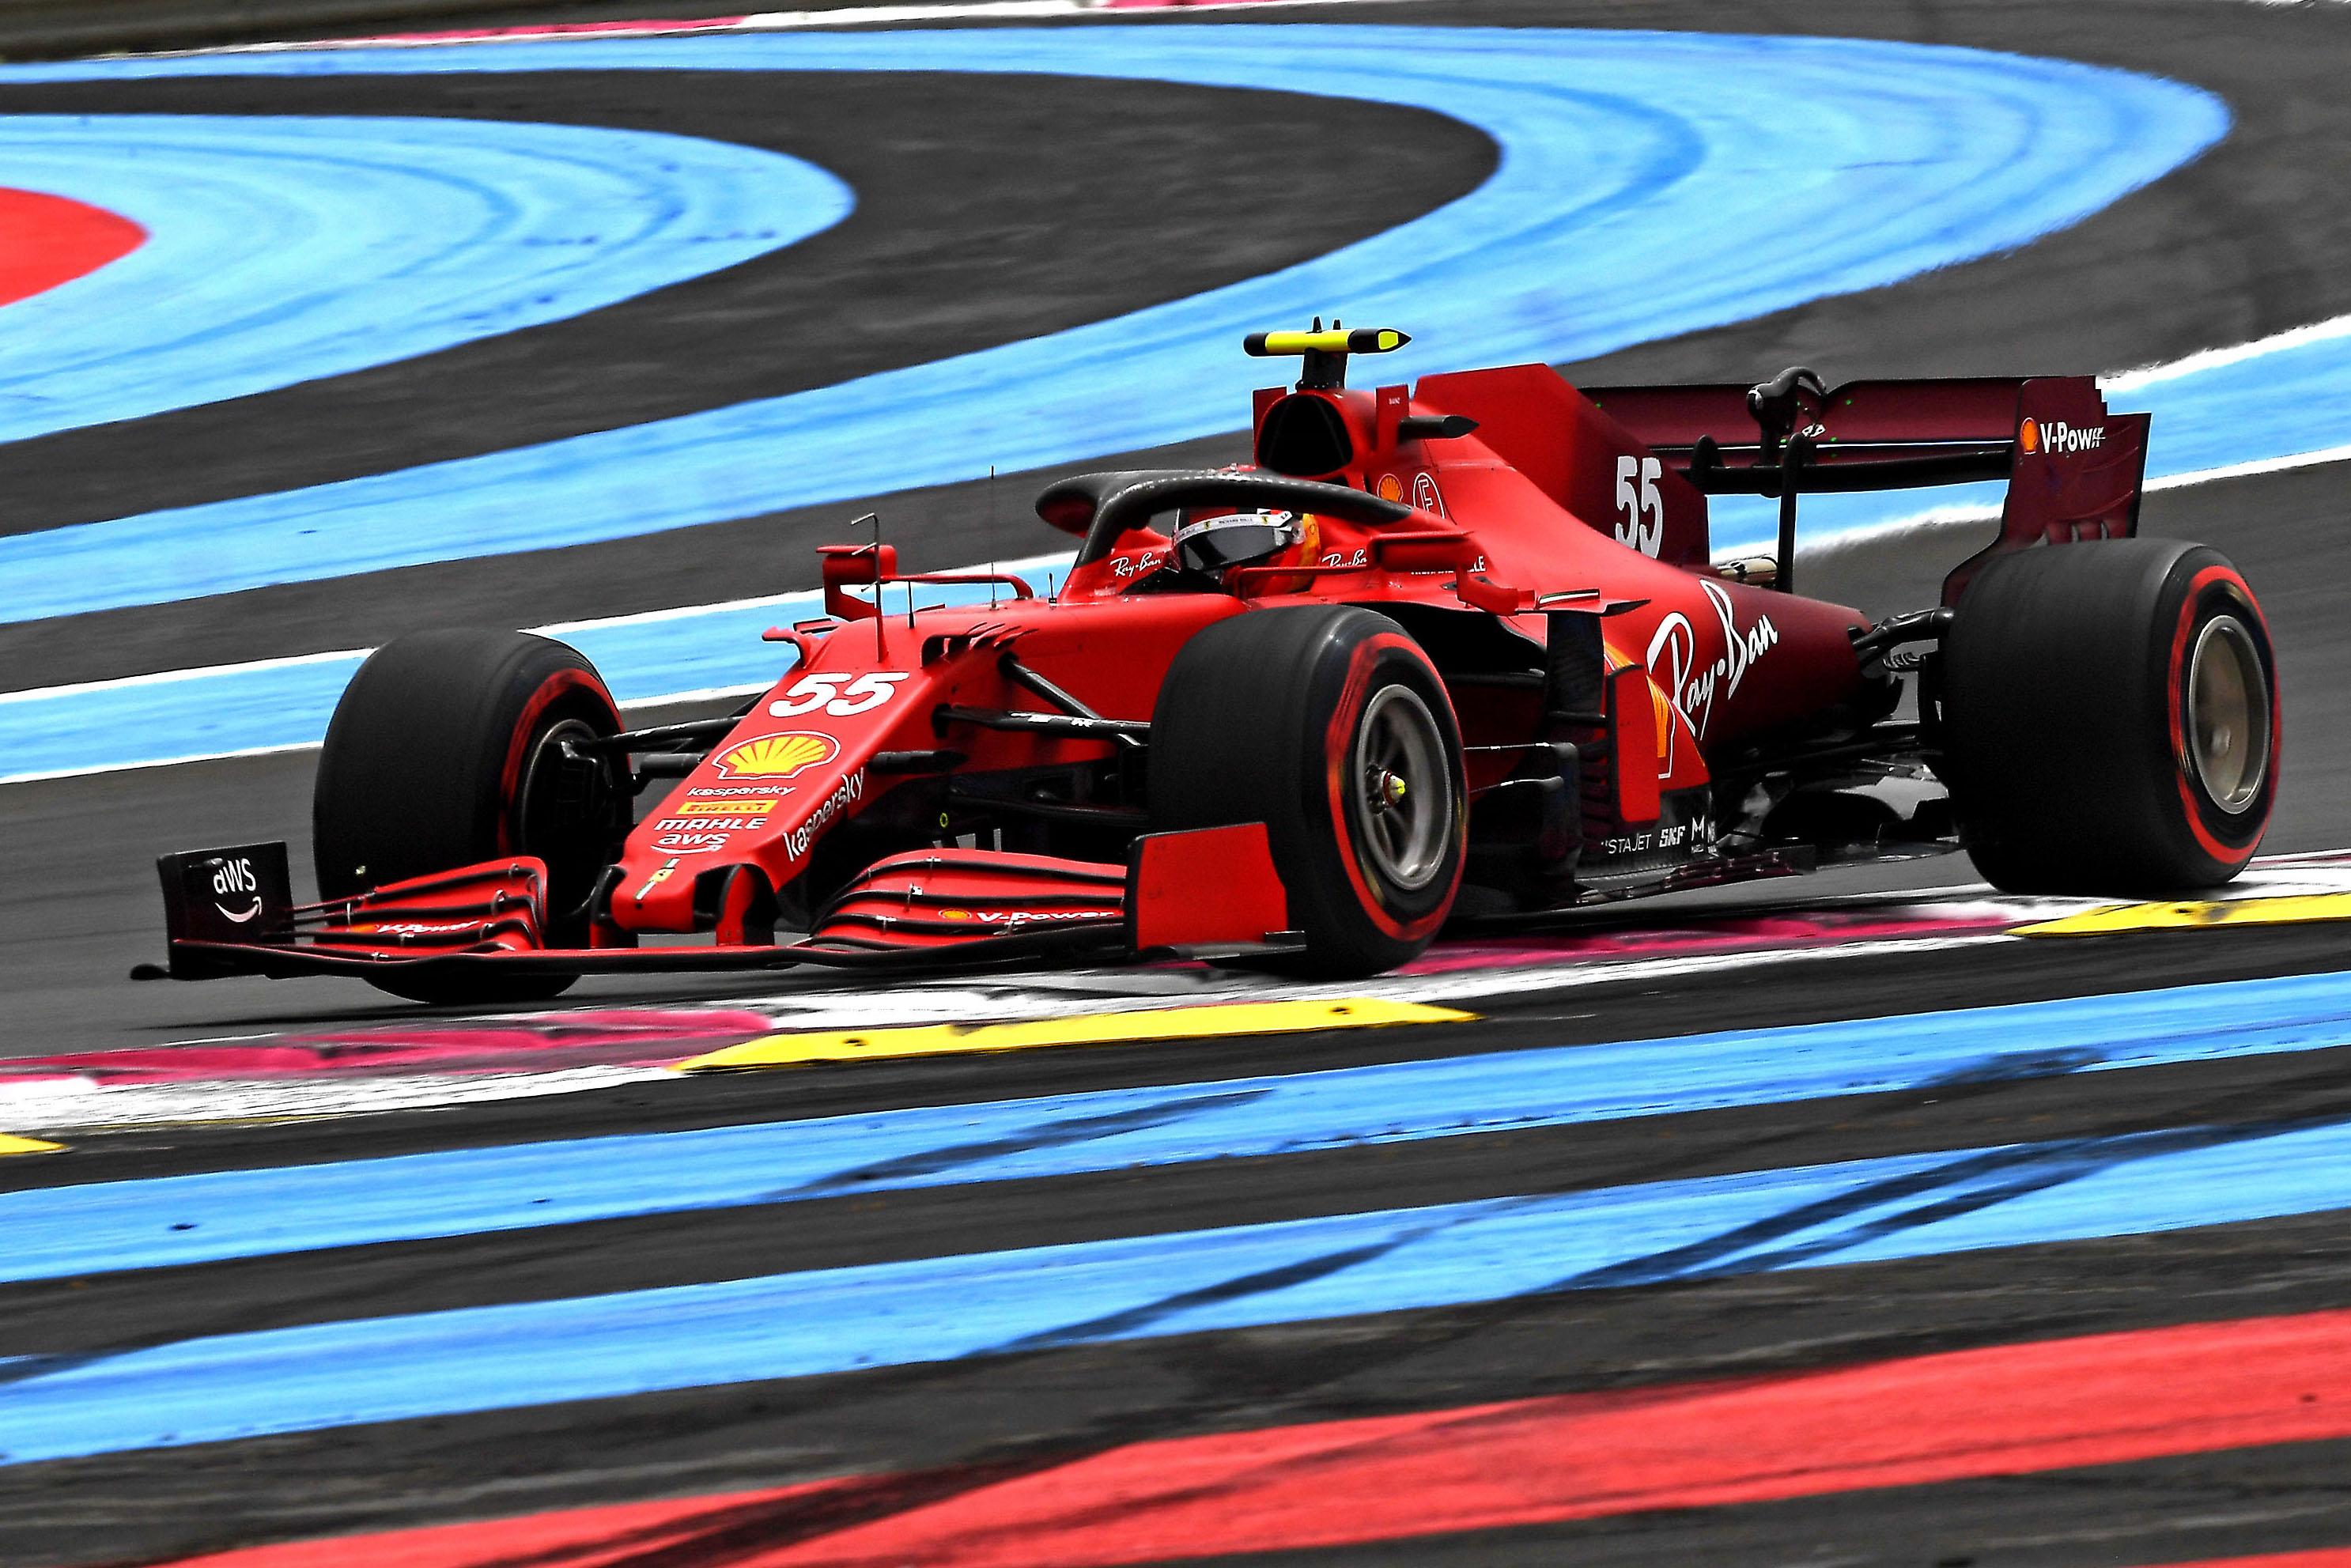 Sábado en Francia – Ferrari logra una buena clasificación por detrás de los líderes